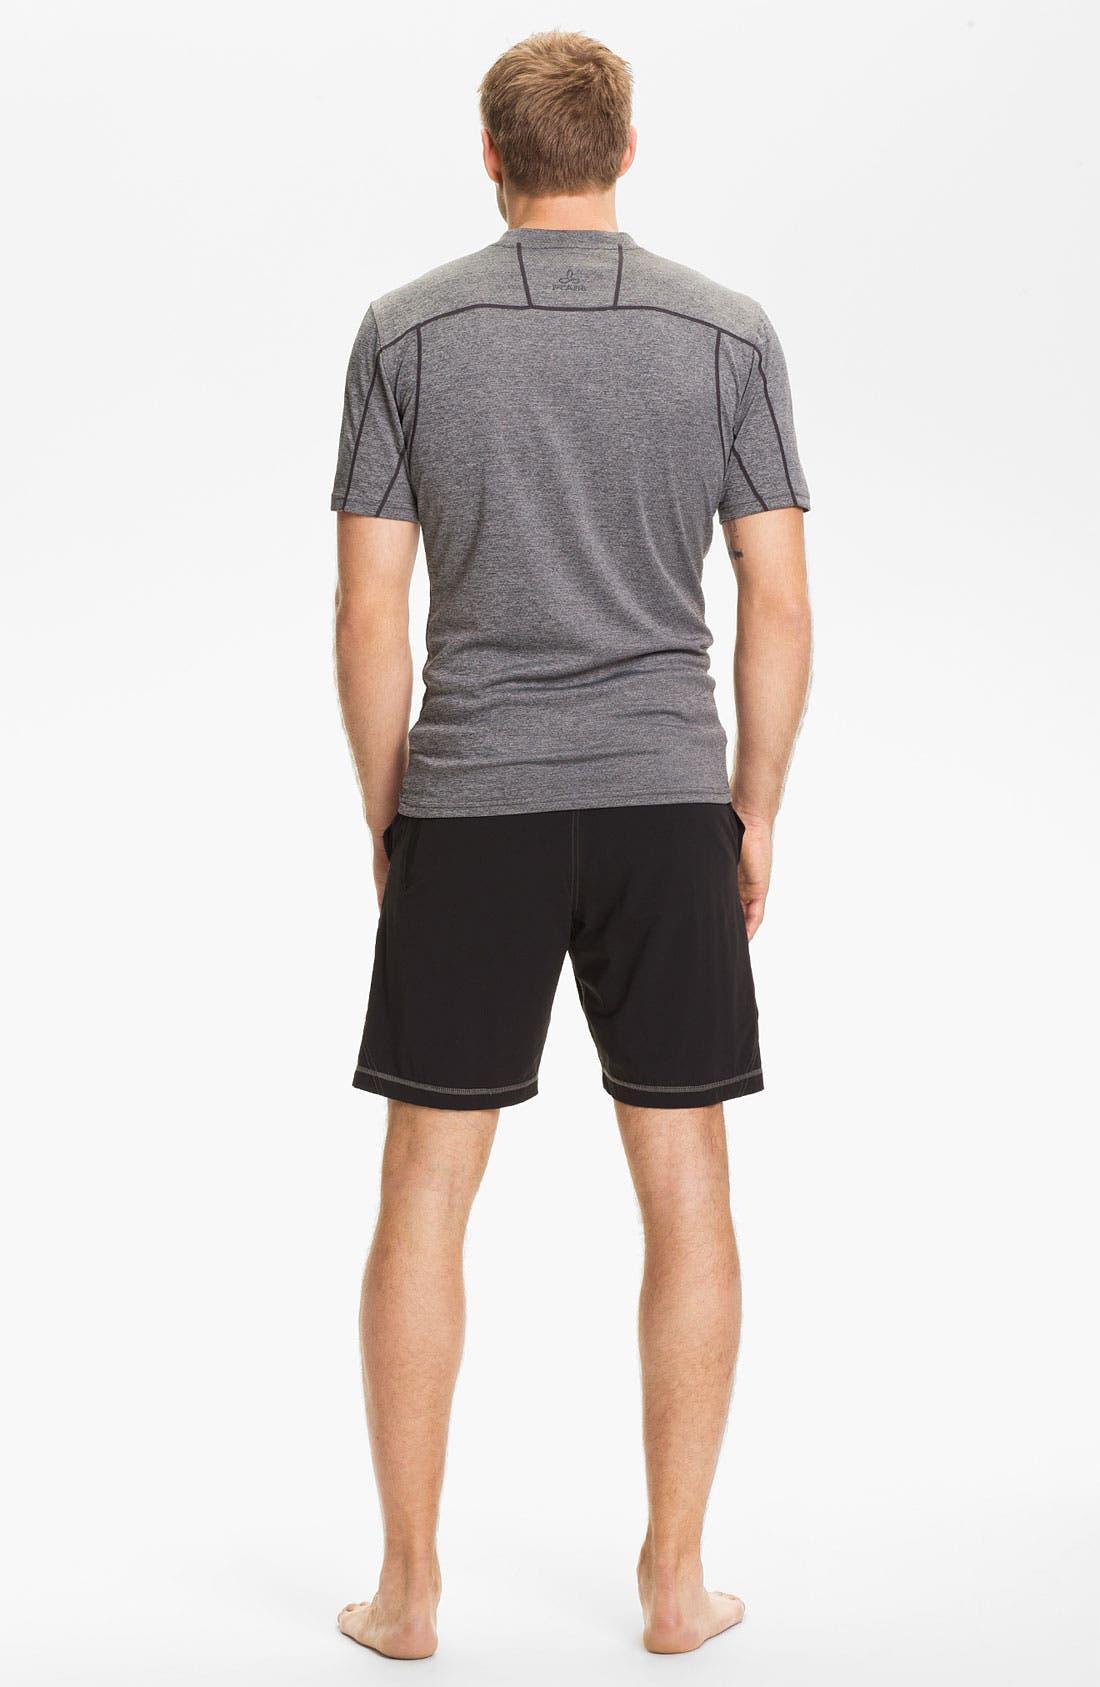 Alternate Image 3  - prAna T-Shirt & Shorts